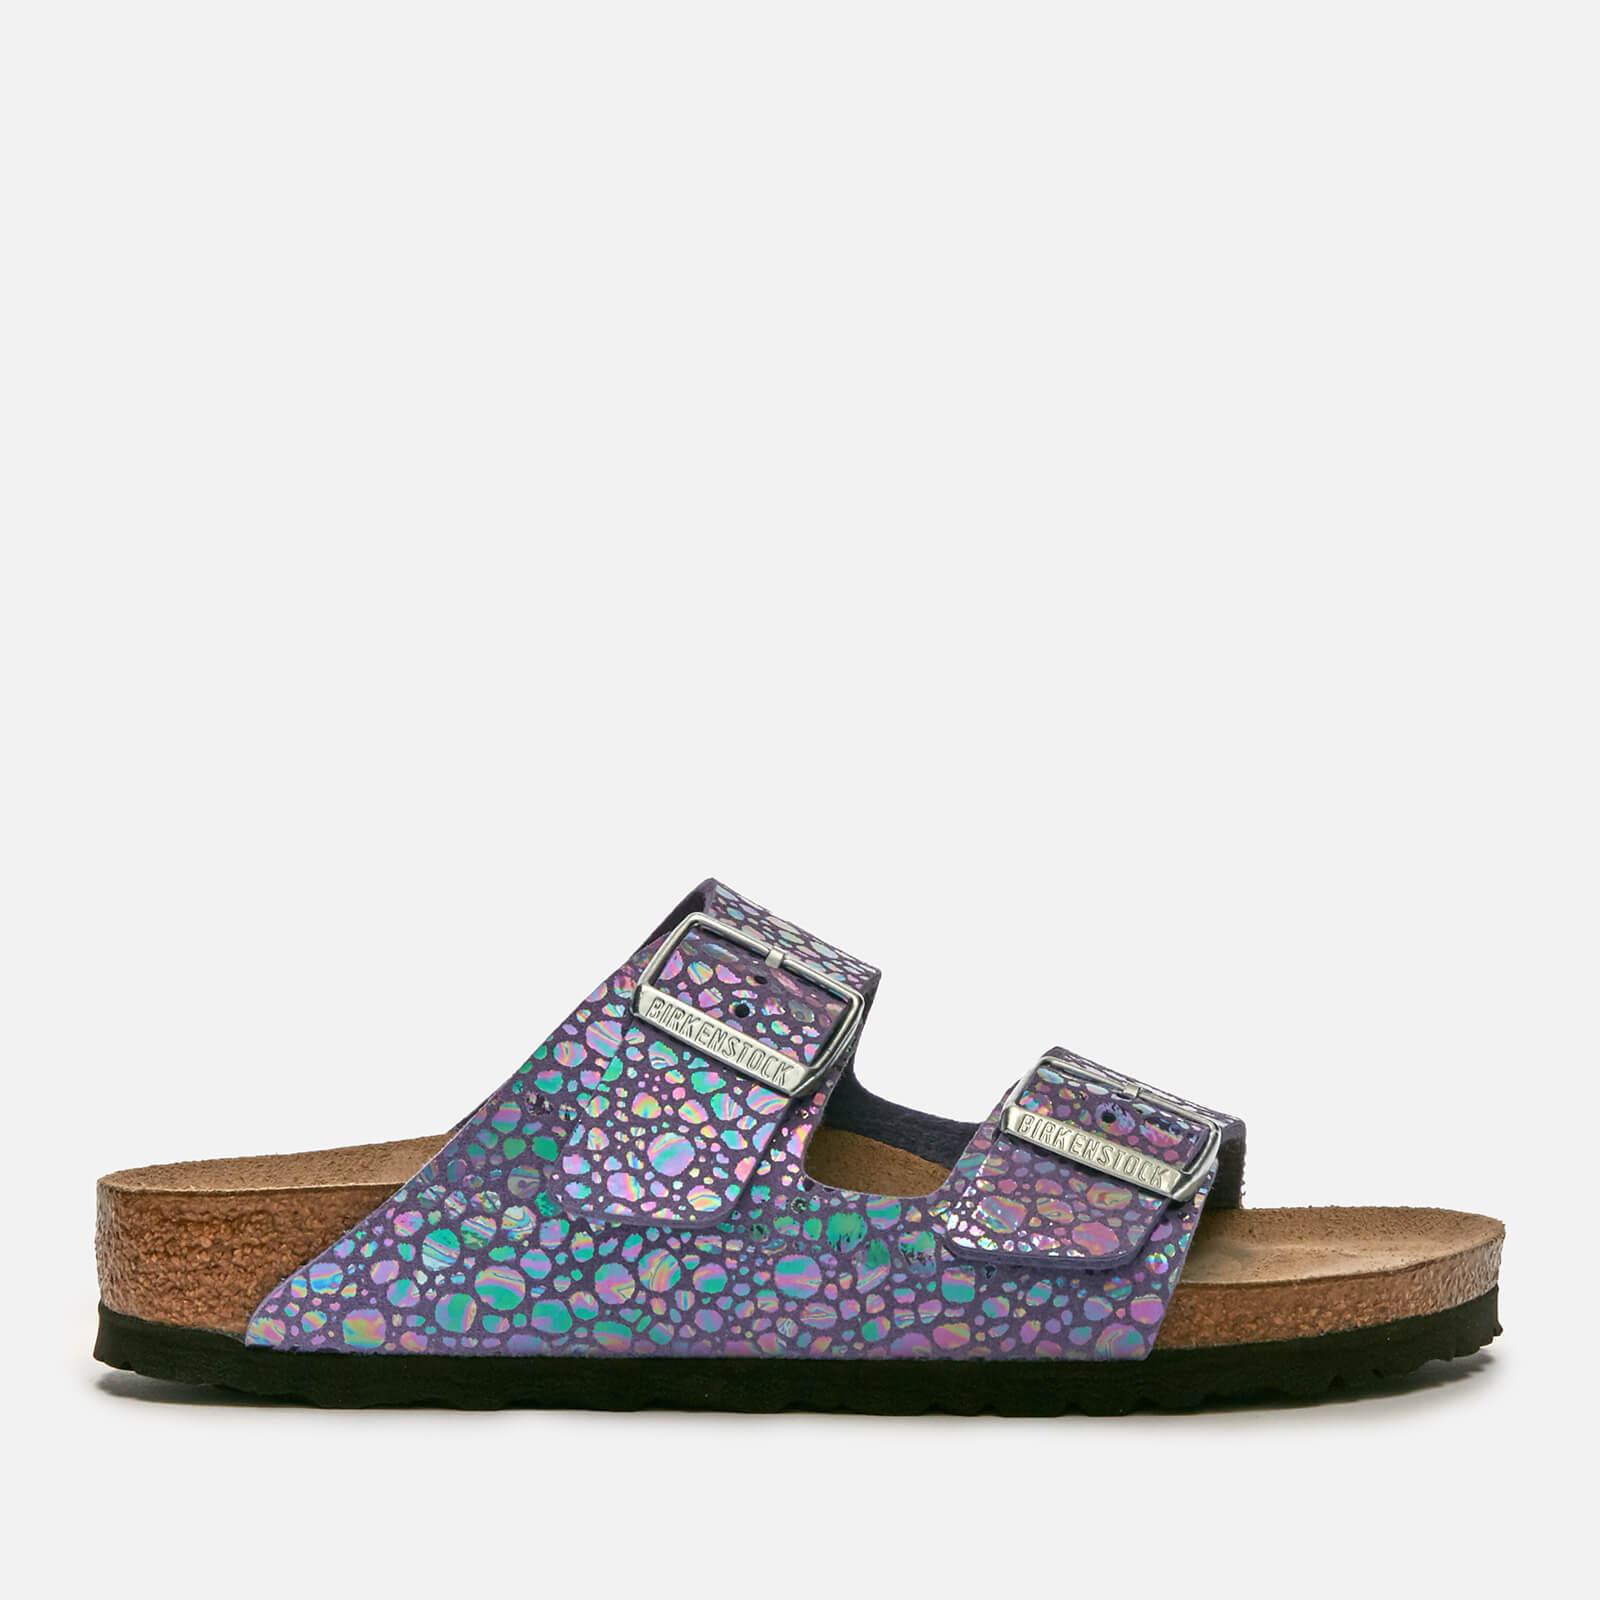 Birkenstock Women's Arizona Slim Fit Suede Double Strap Sandals - Metallic Stones Violet - UK 5 - Purple